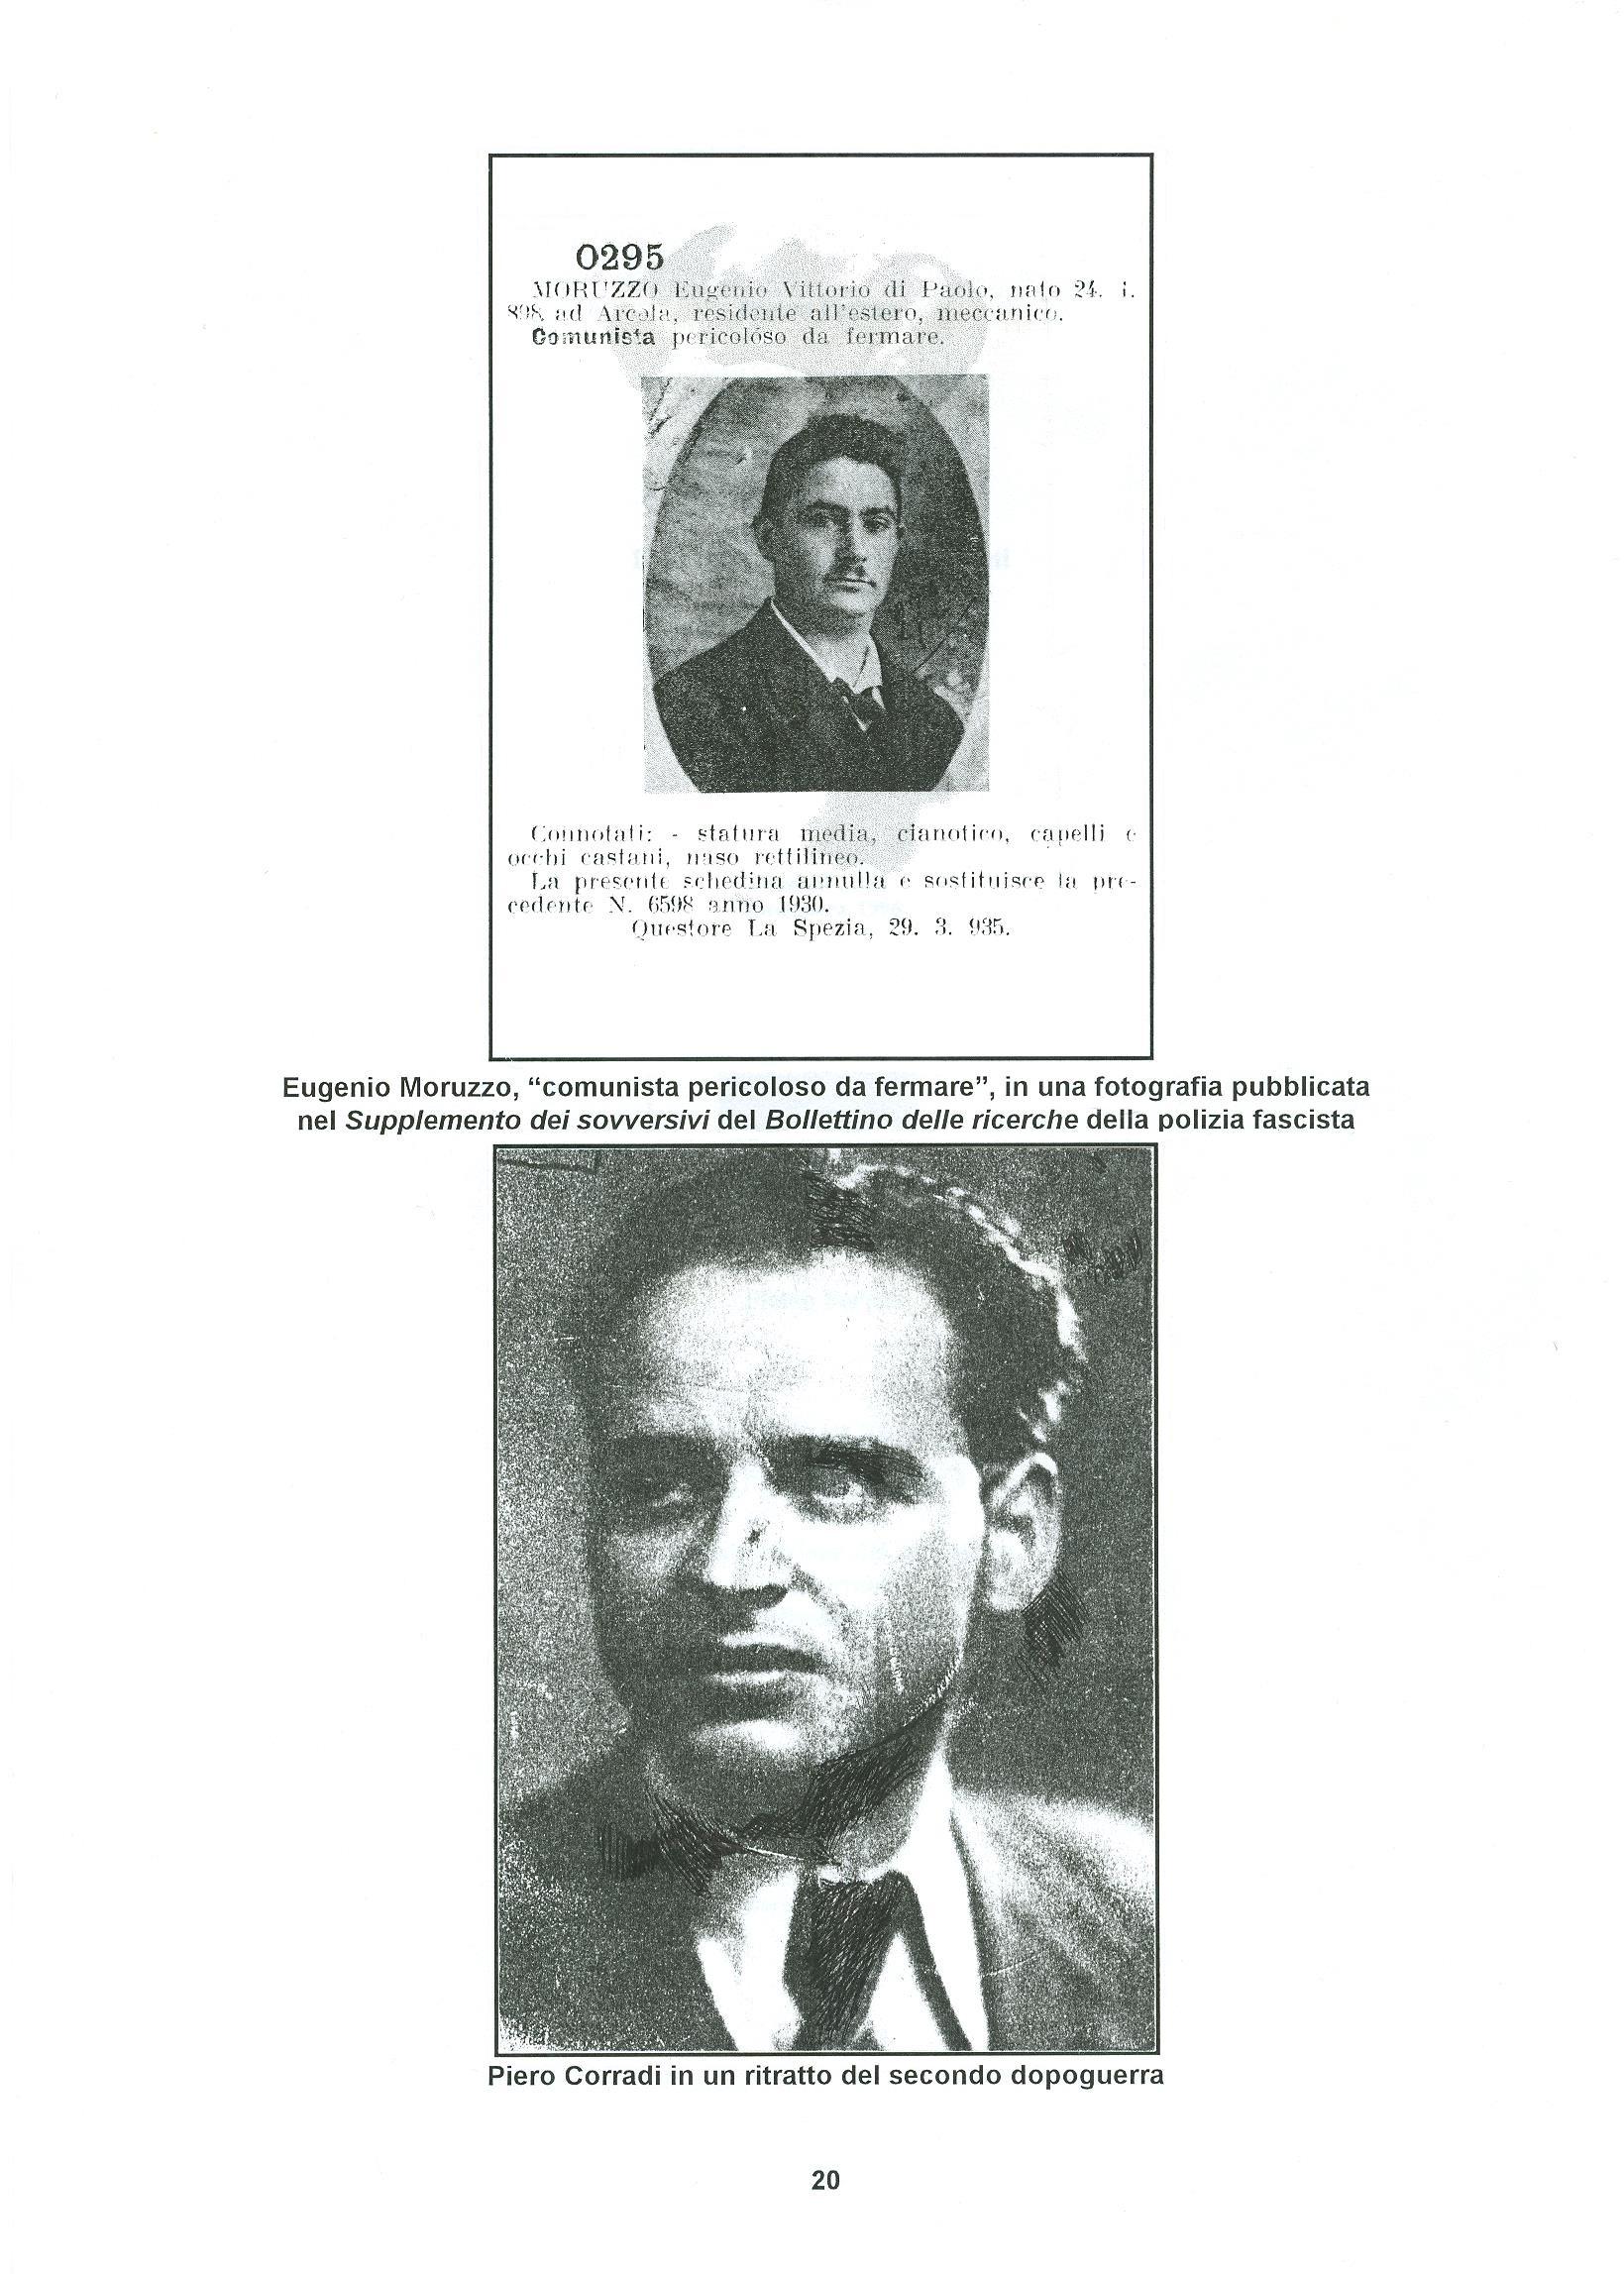 Quaderni del Centro Studi Pietro Tresso (1996-2009) n. 14 (novembre 1998) - pag. 21